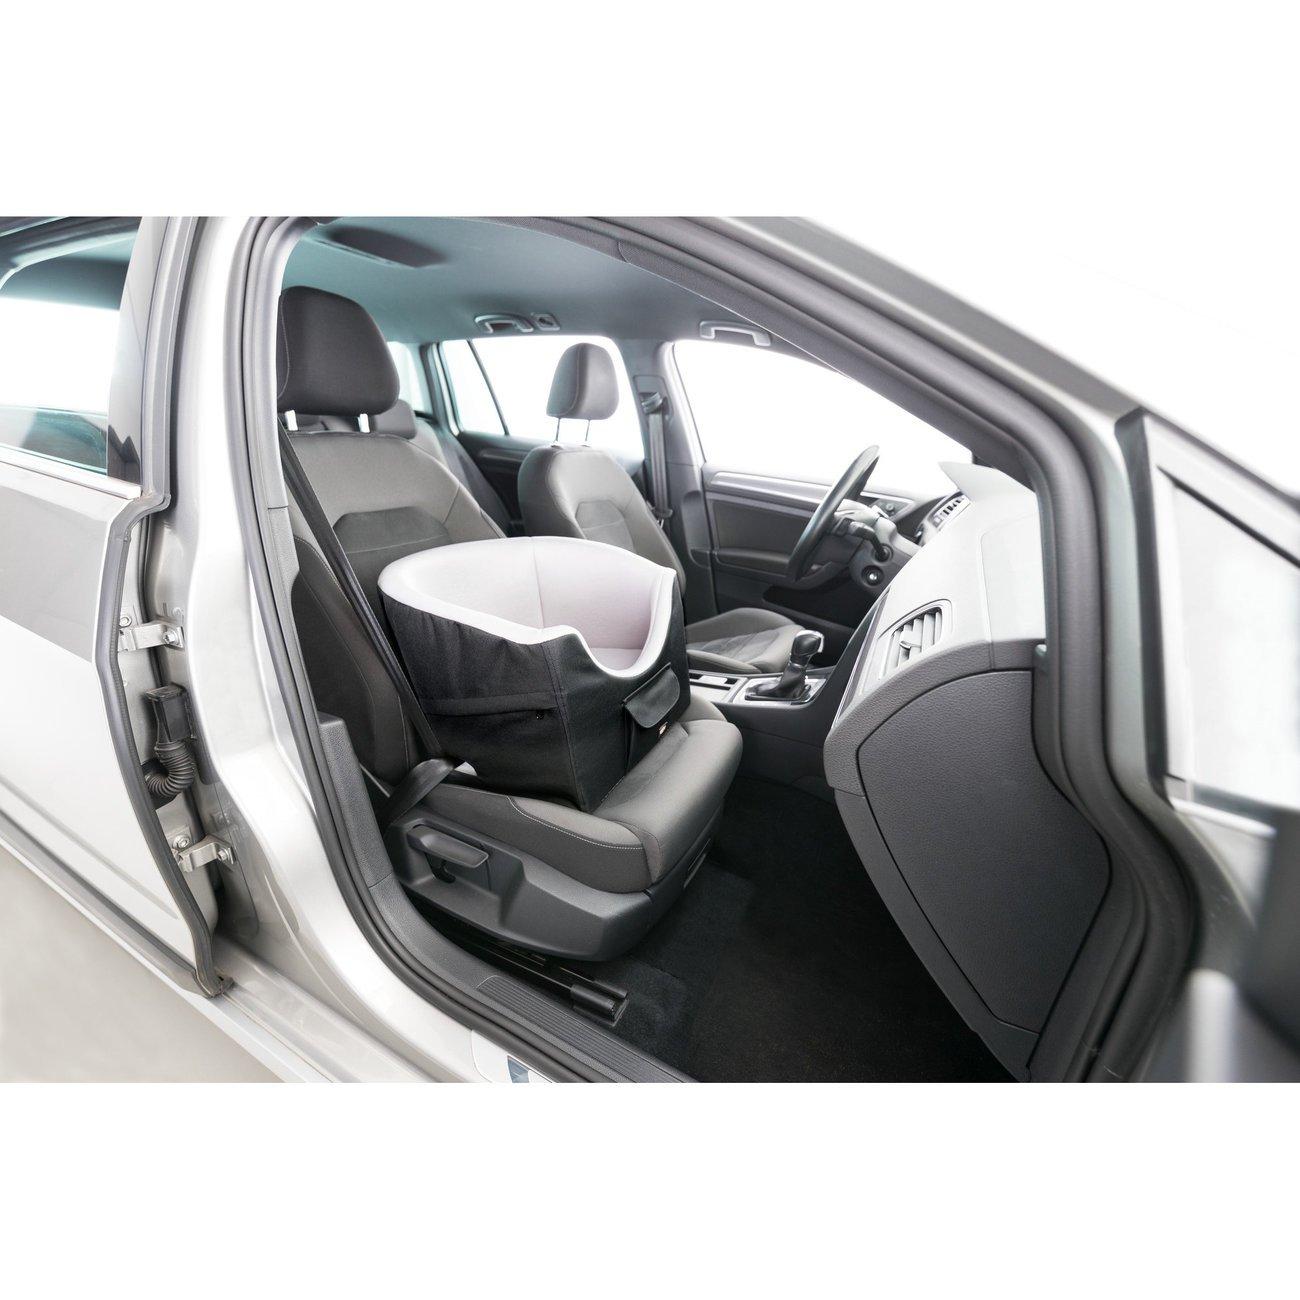 TRIXIE Autositz für kleine Hunde bis 8 kg 13176, Bild 2